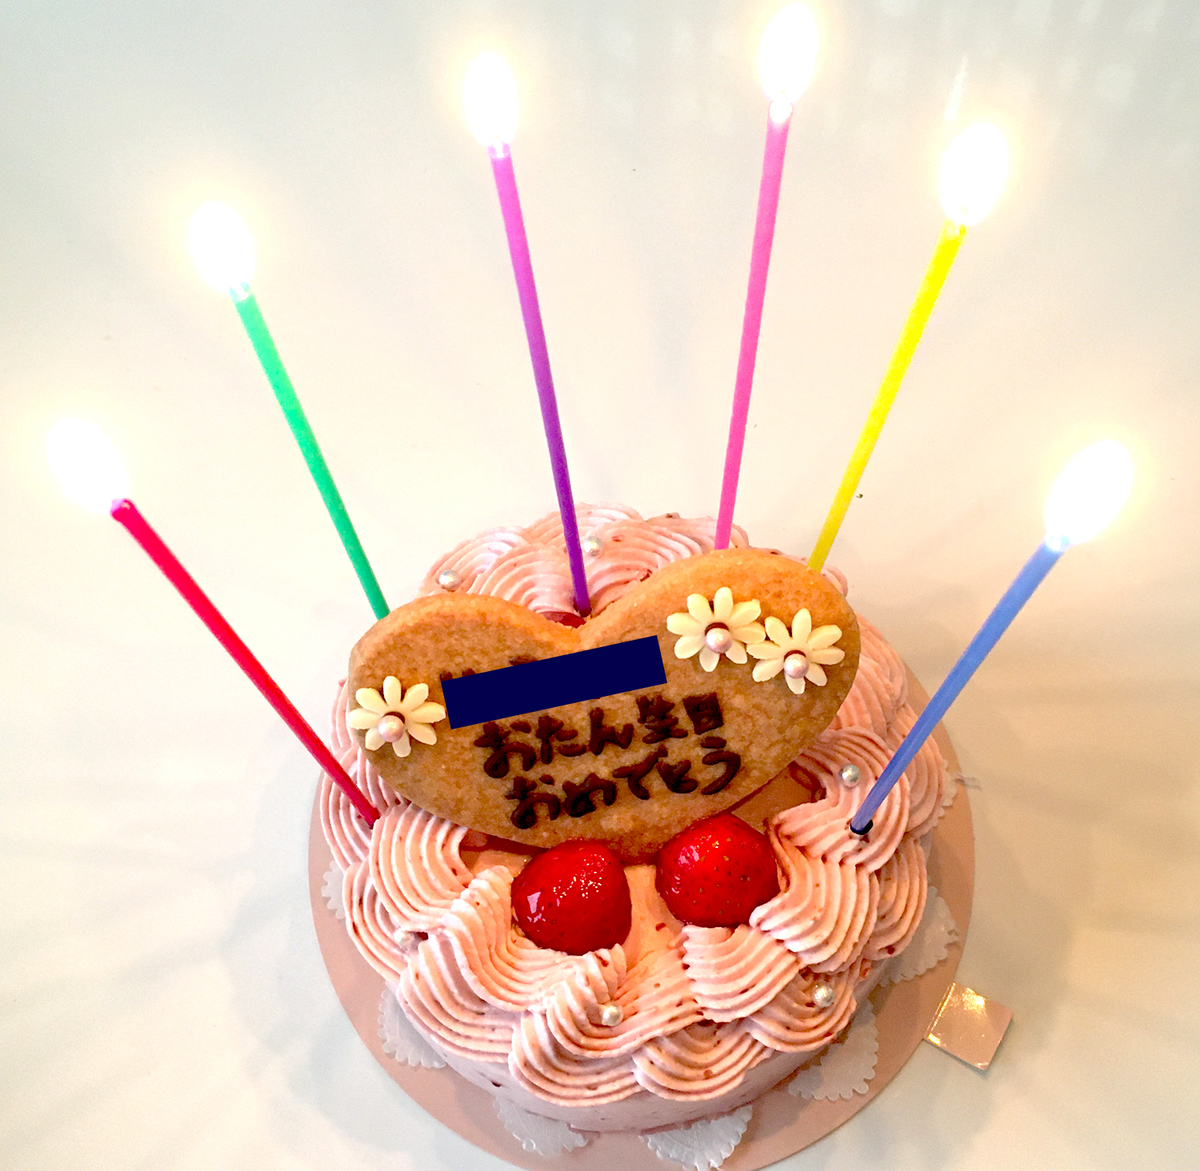 ろうそくなどを盛り付けたケーキ